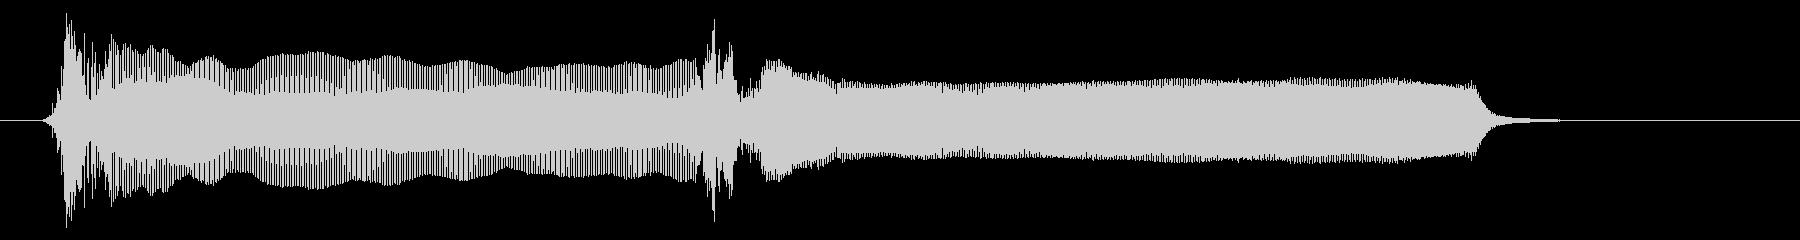 法螺貝01-4の未再生の波形